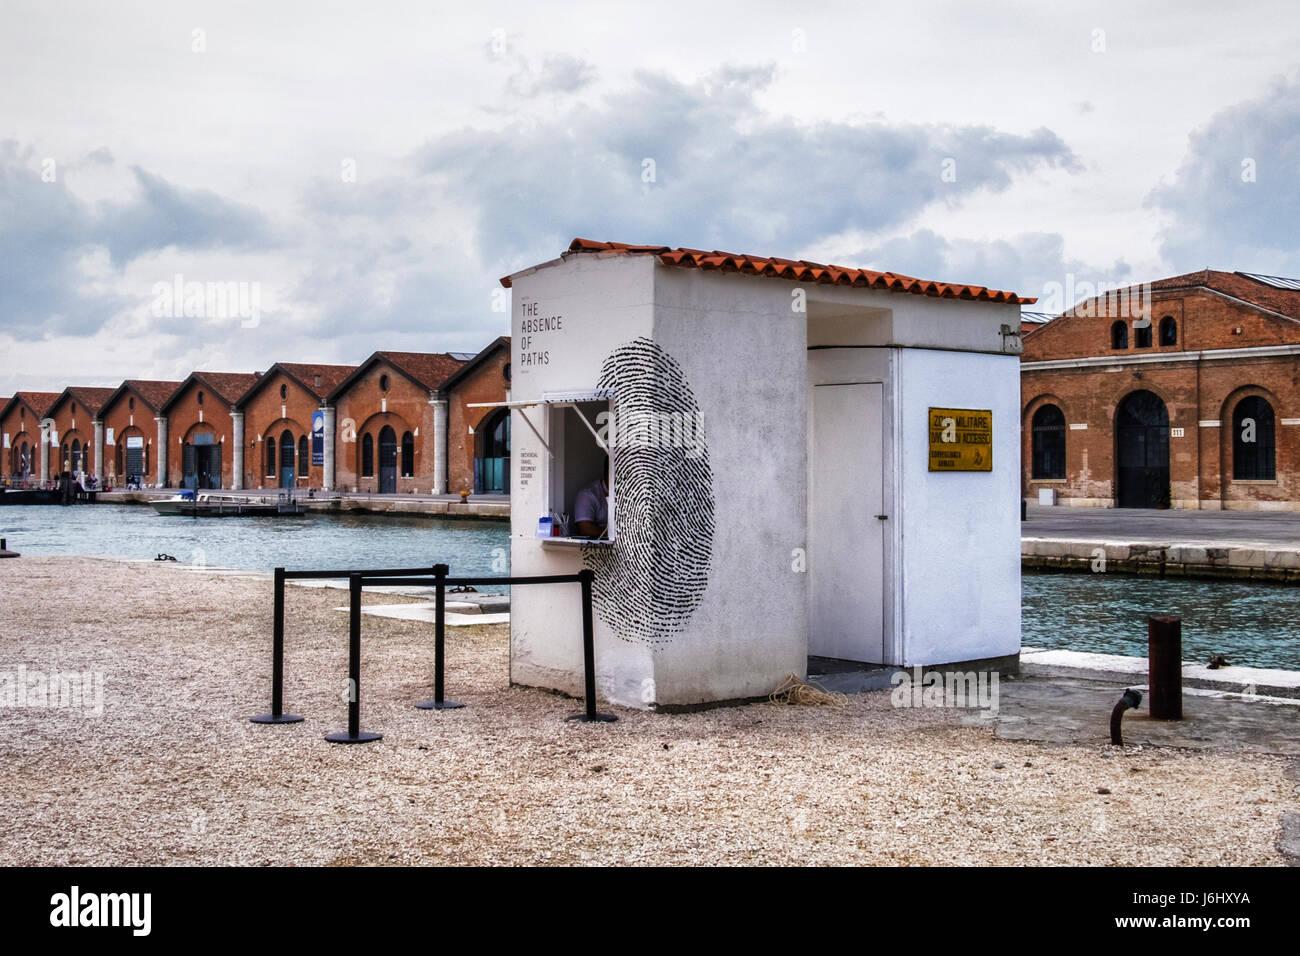 Castello,Venise,port de l'Arsenal. 57e Biennale 2017,La Biennale di Venezia.Pavillon tunisien,l'absence Photo Stock